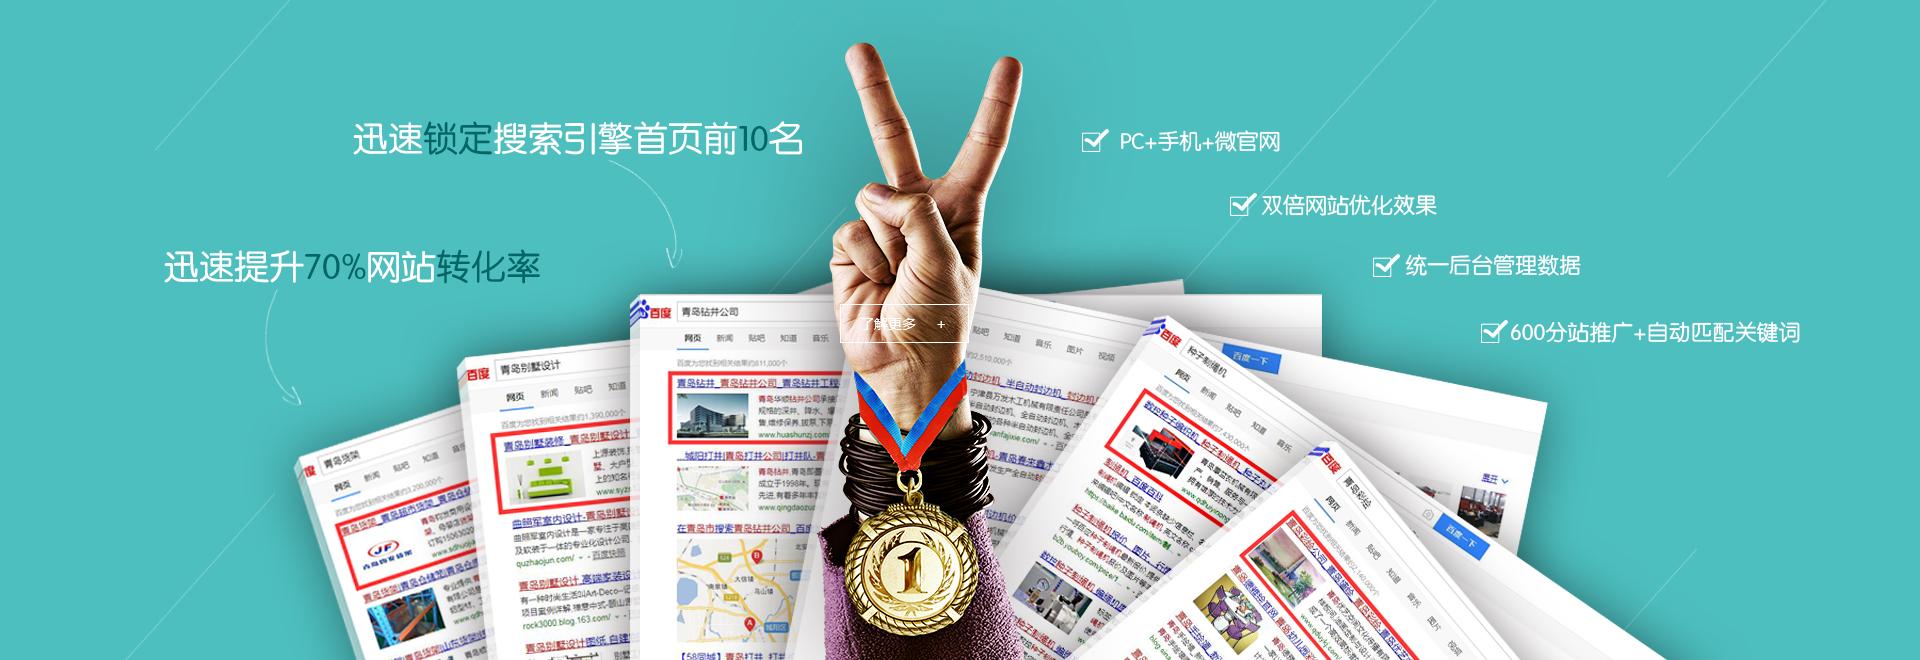 青岛优化公司